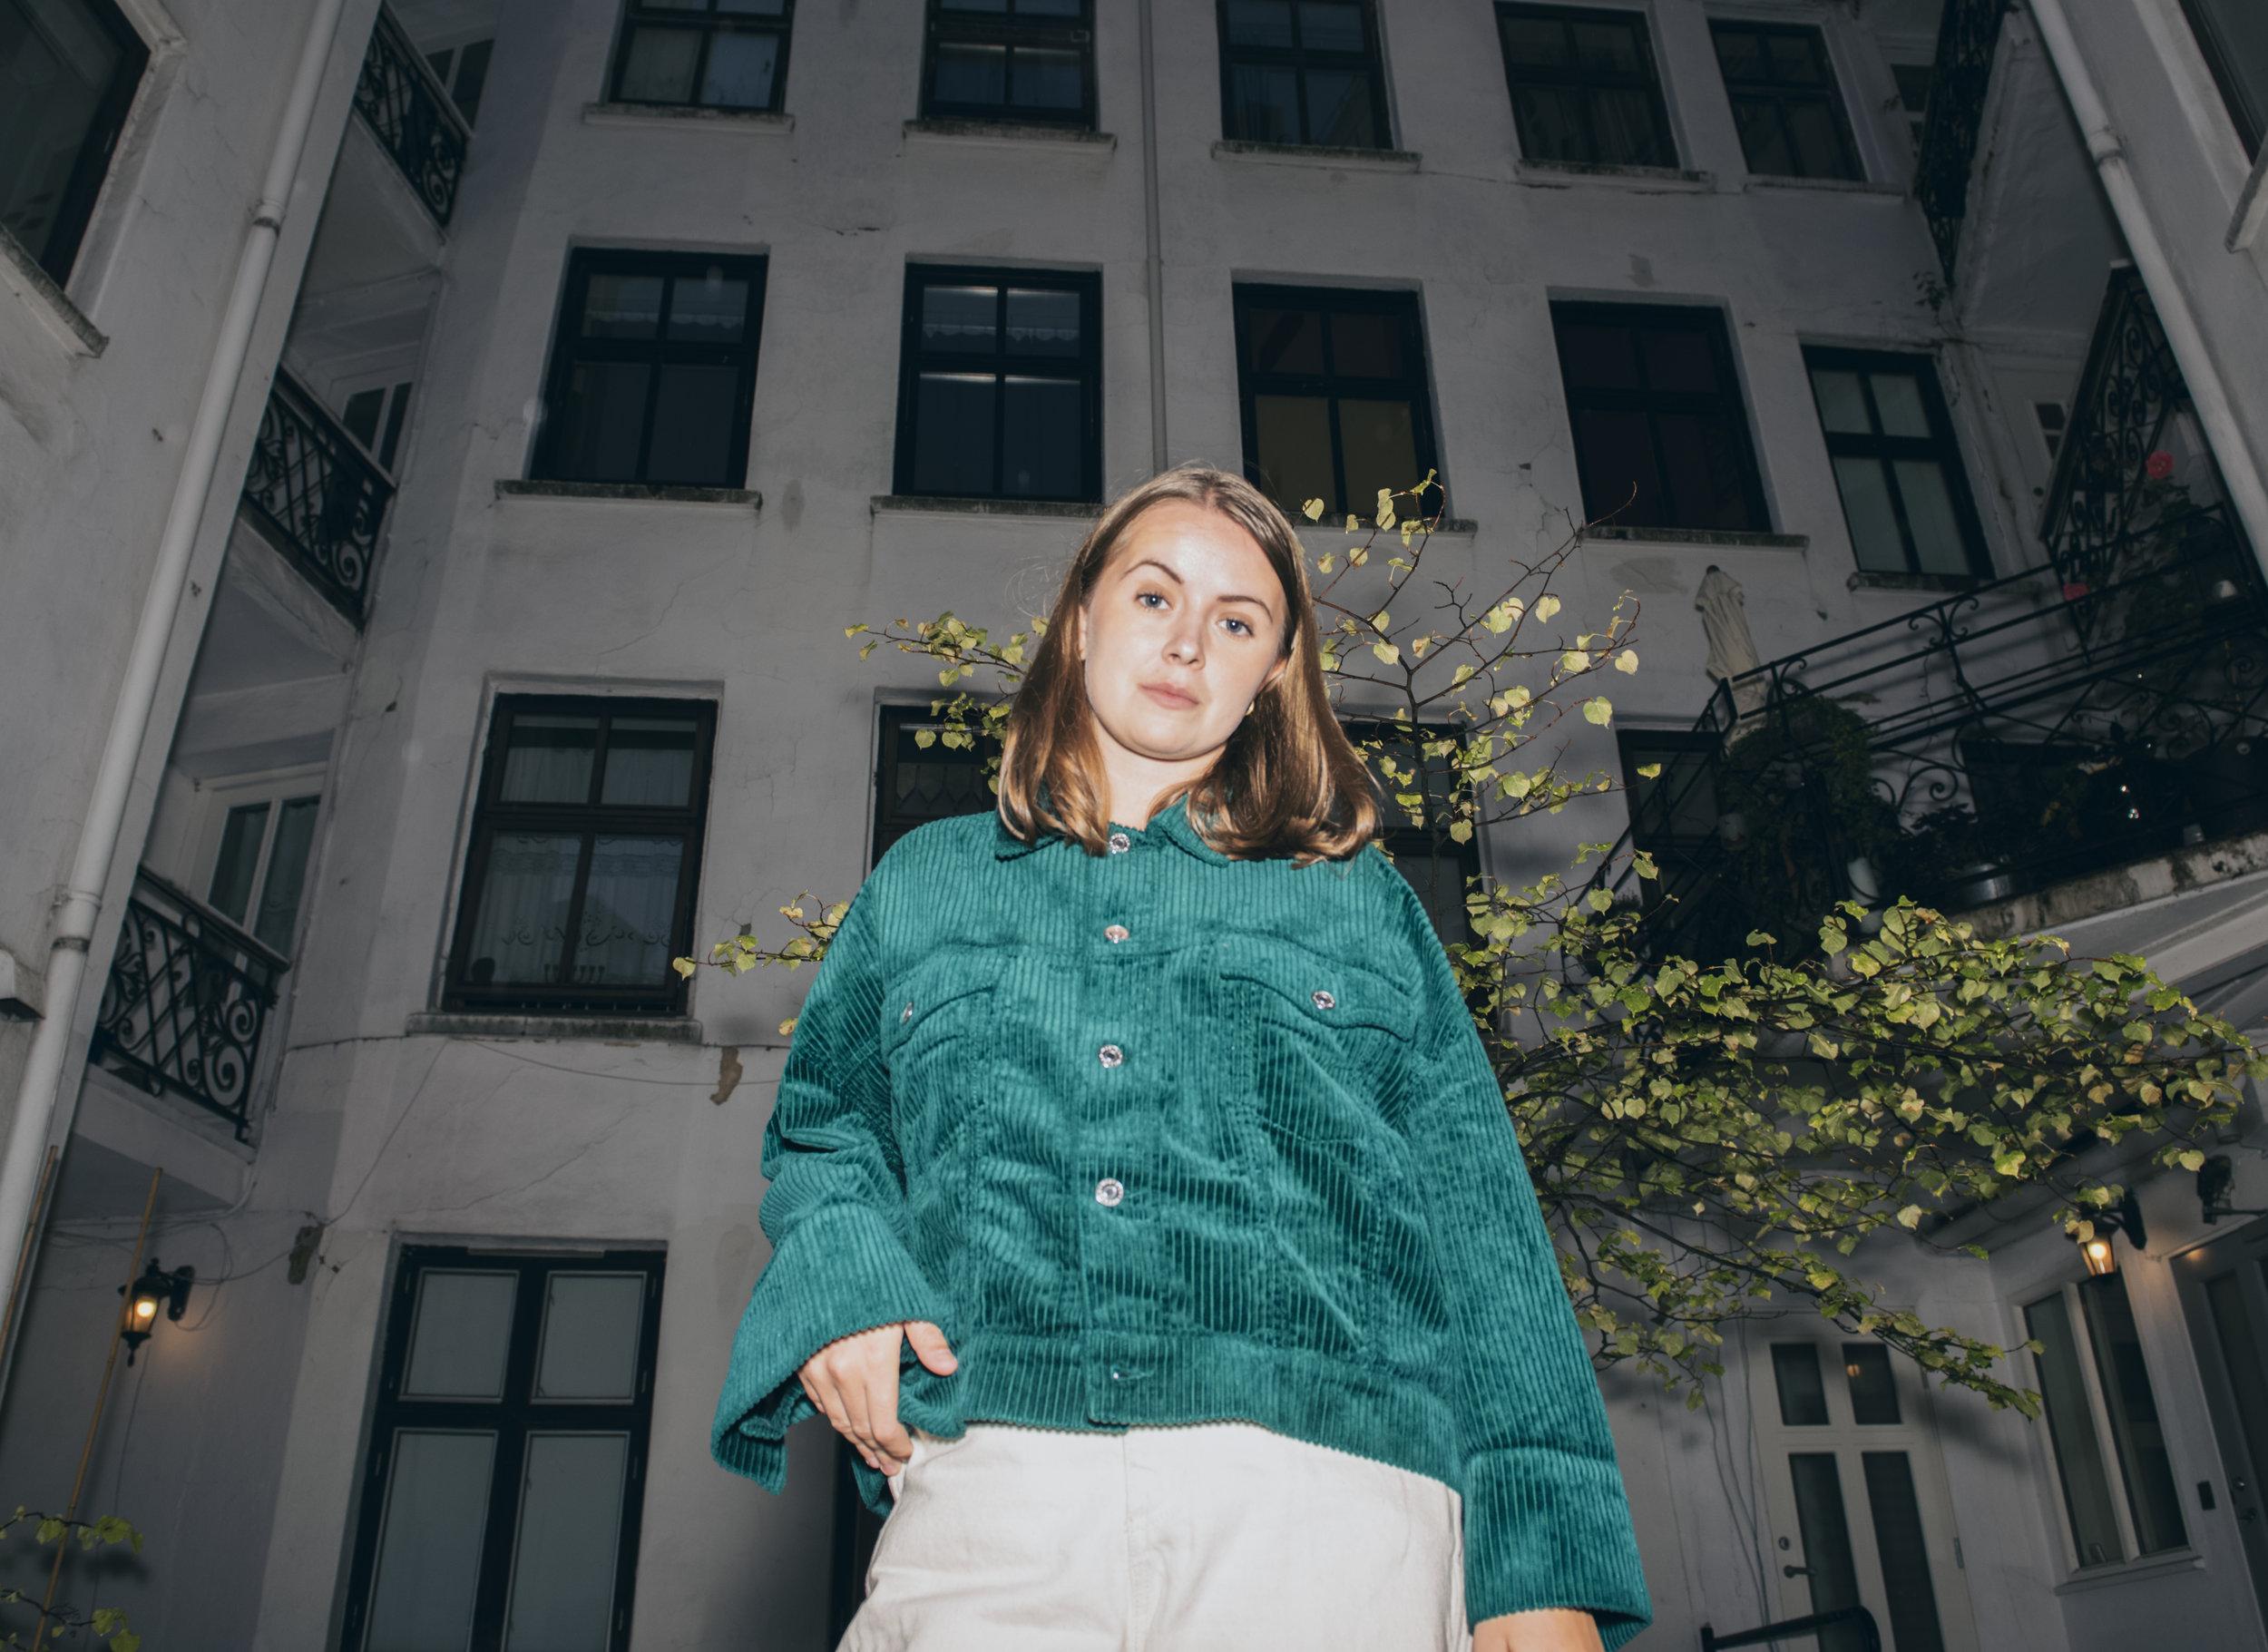 Photo: Guro Sommer Værland